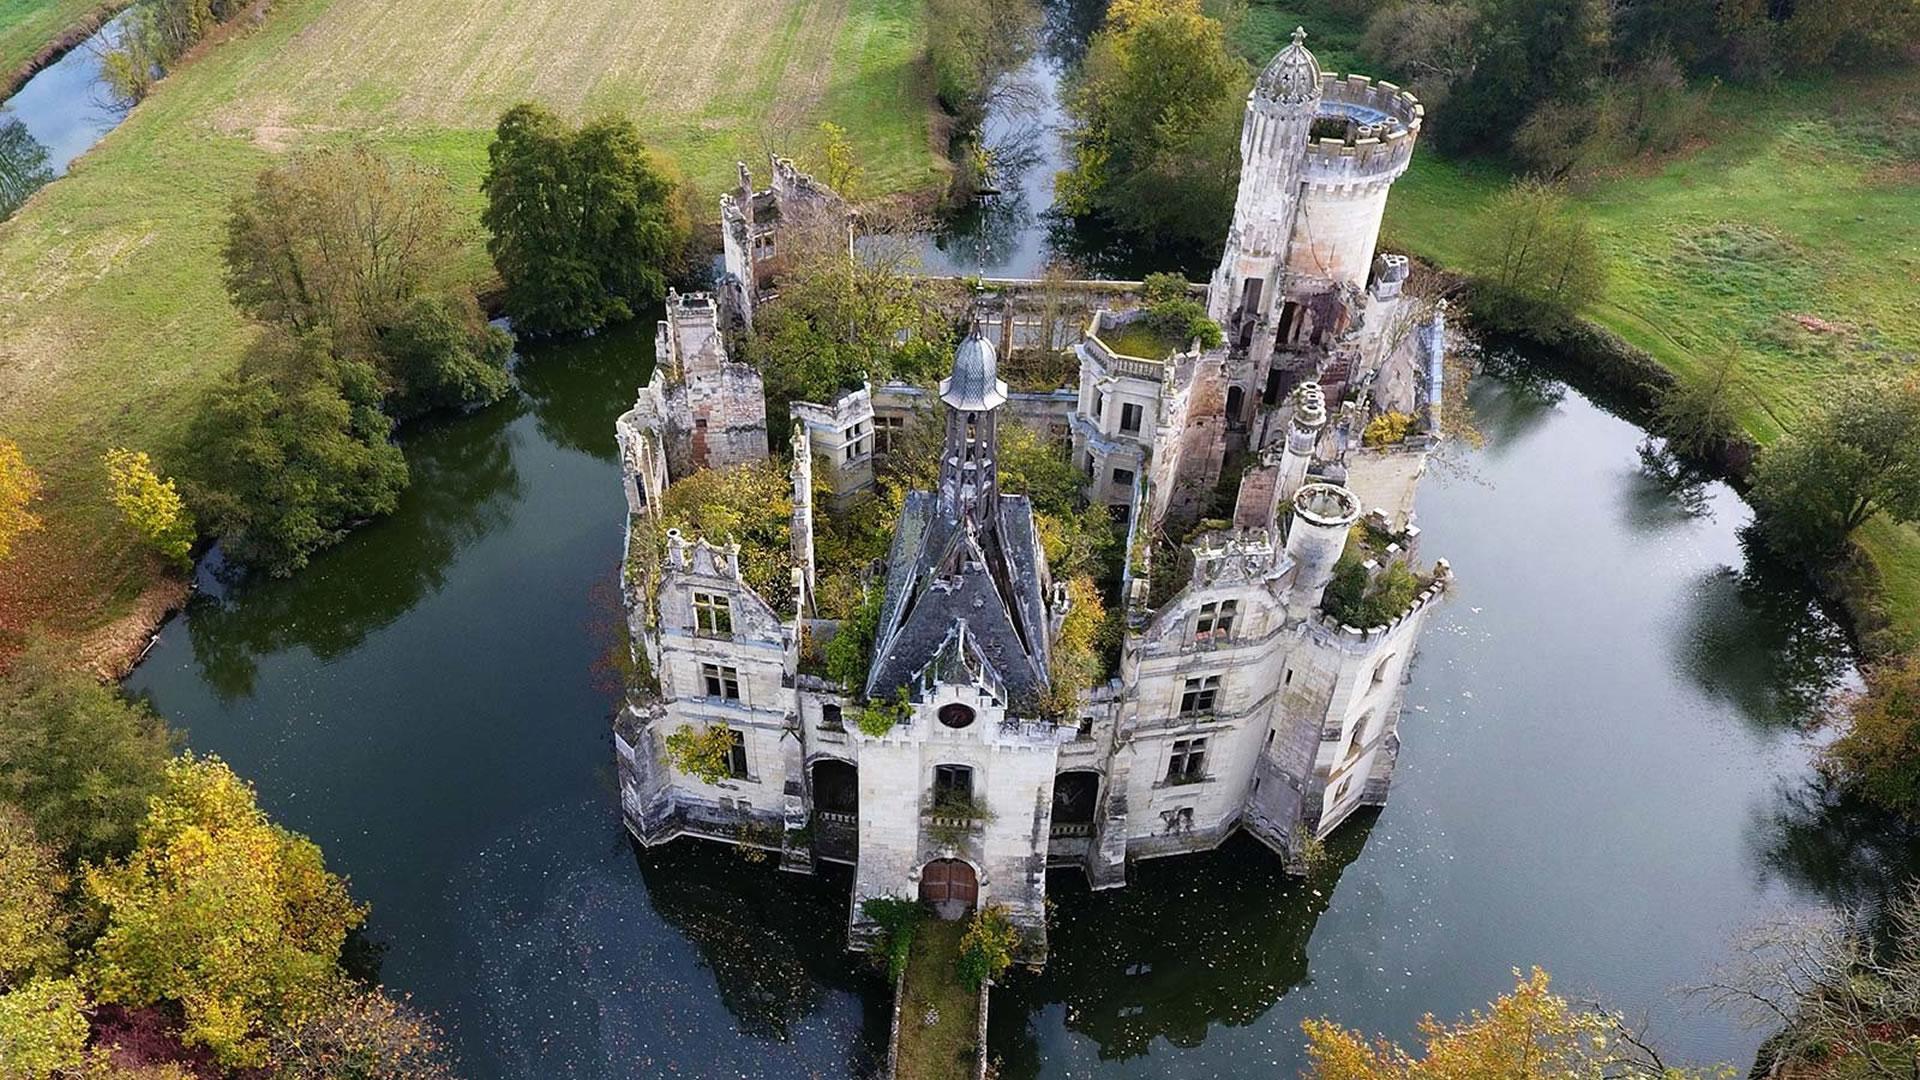 7500 personas compraron este castillo